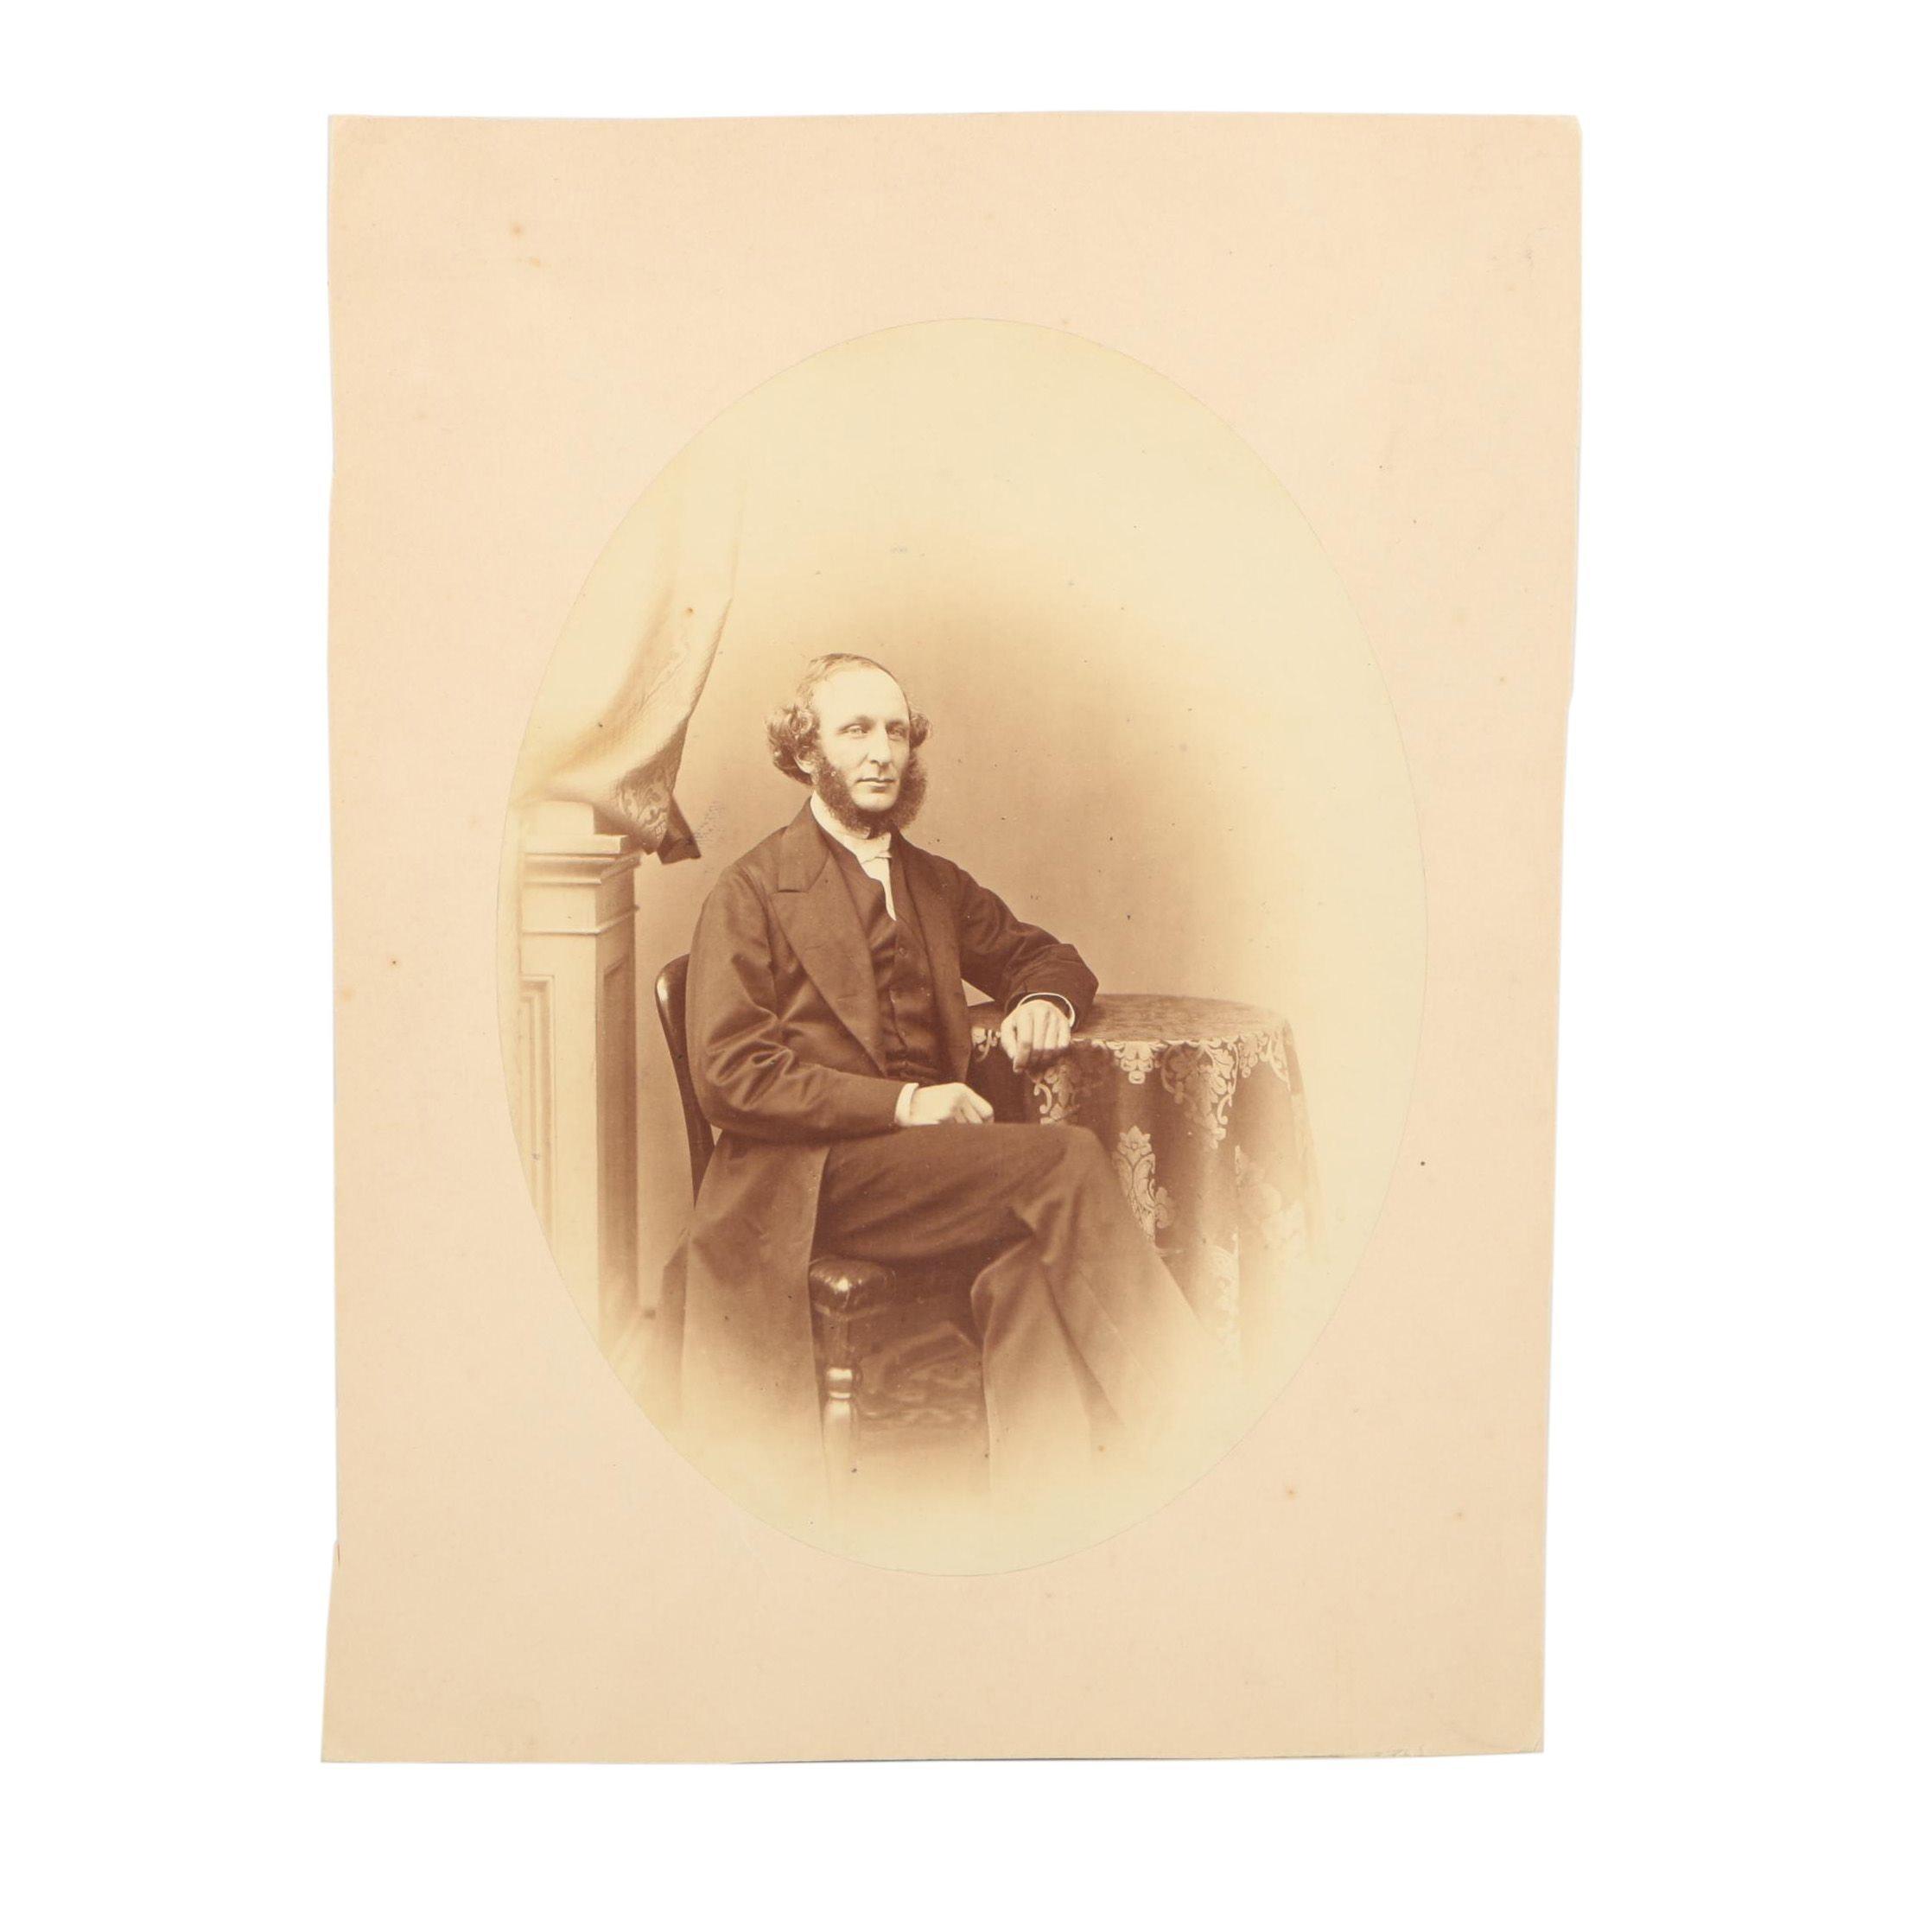 Photograph of Artist J.B. Curtis